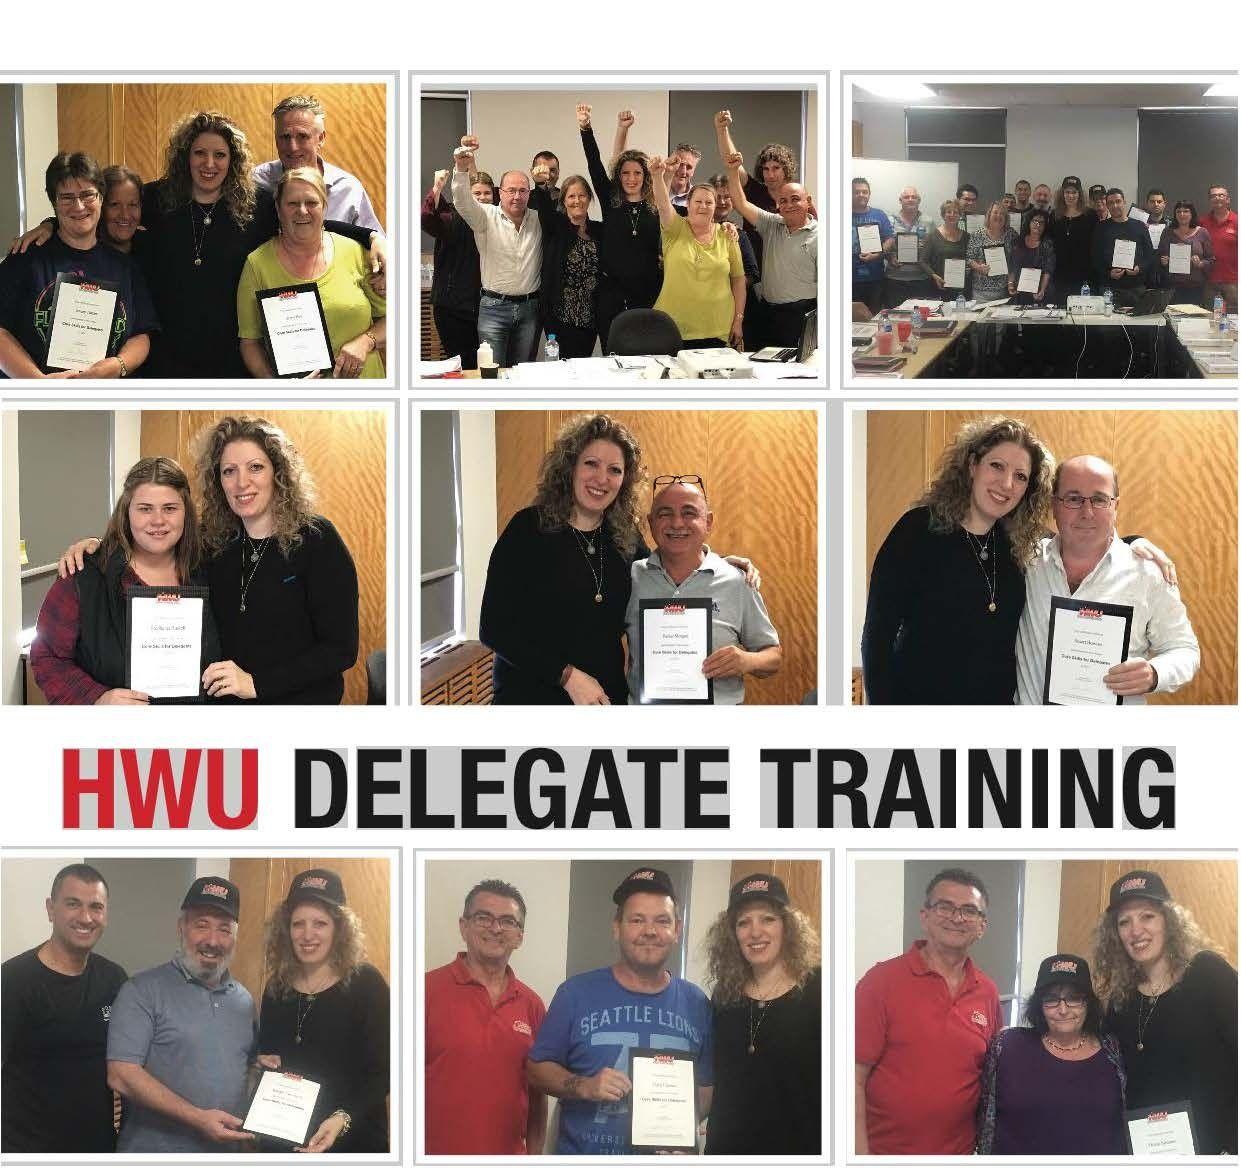 Delegate Training Collage Diana Asmar Nick Katsis